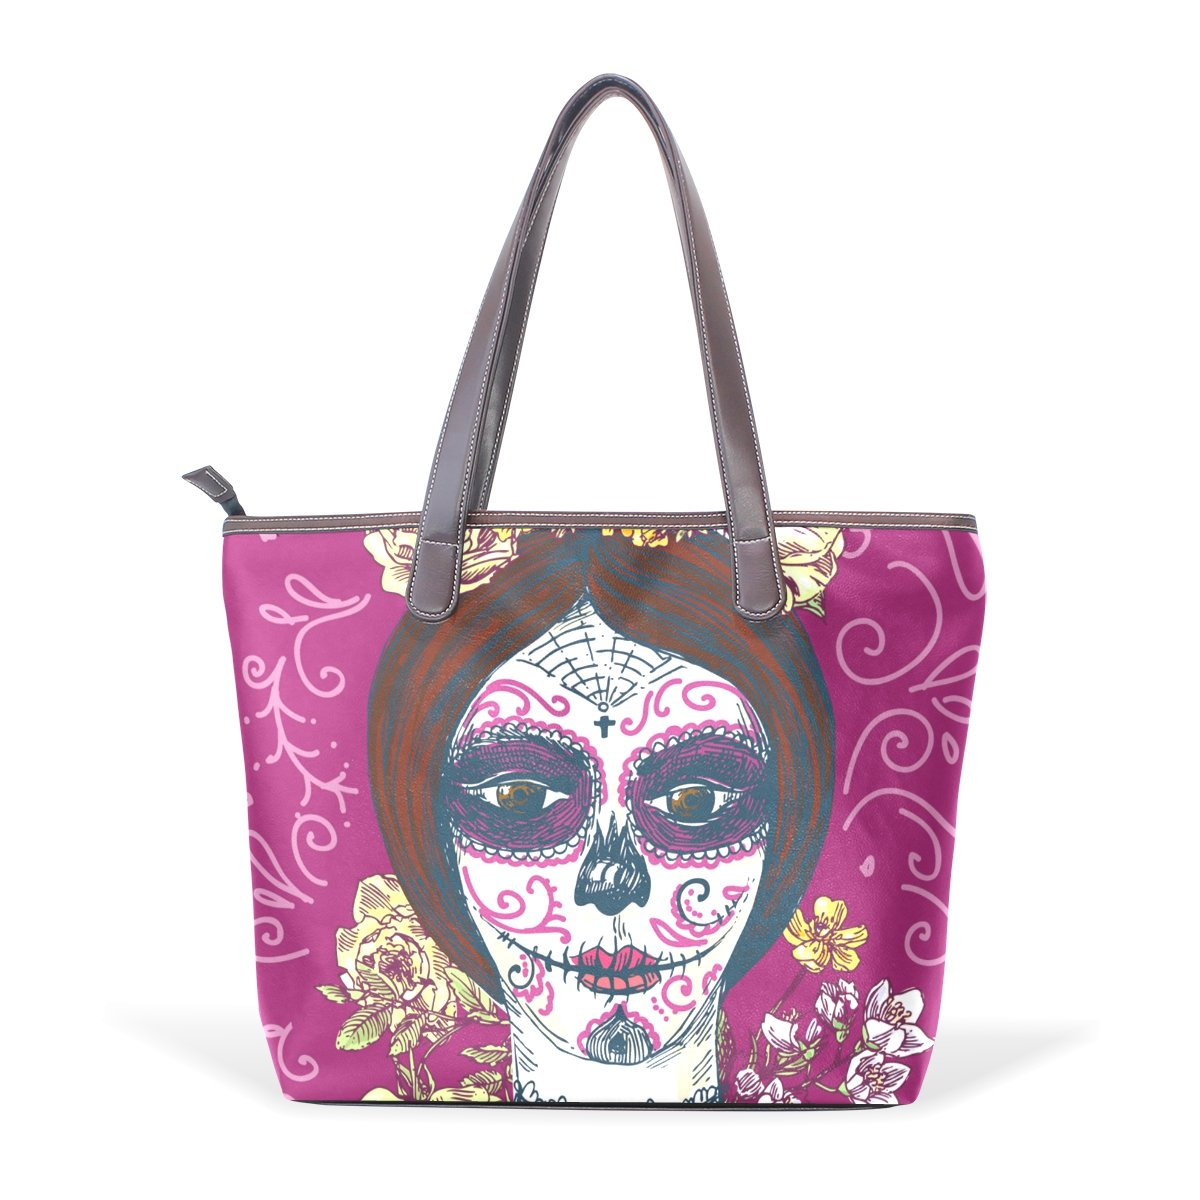 Sugar Skull Dia De Los Muertos Womens Fashion Large Tote Ladies Handbag Shoulder Bag